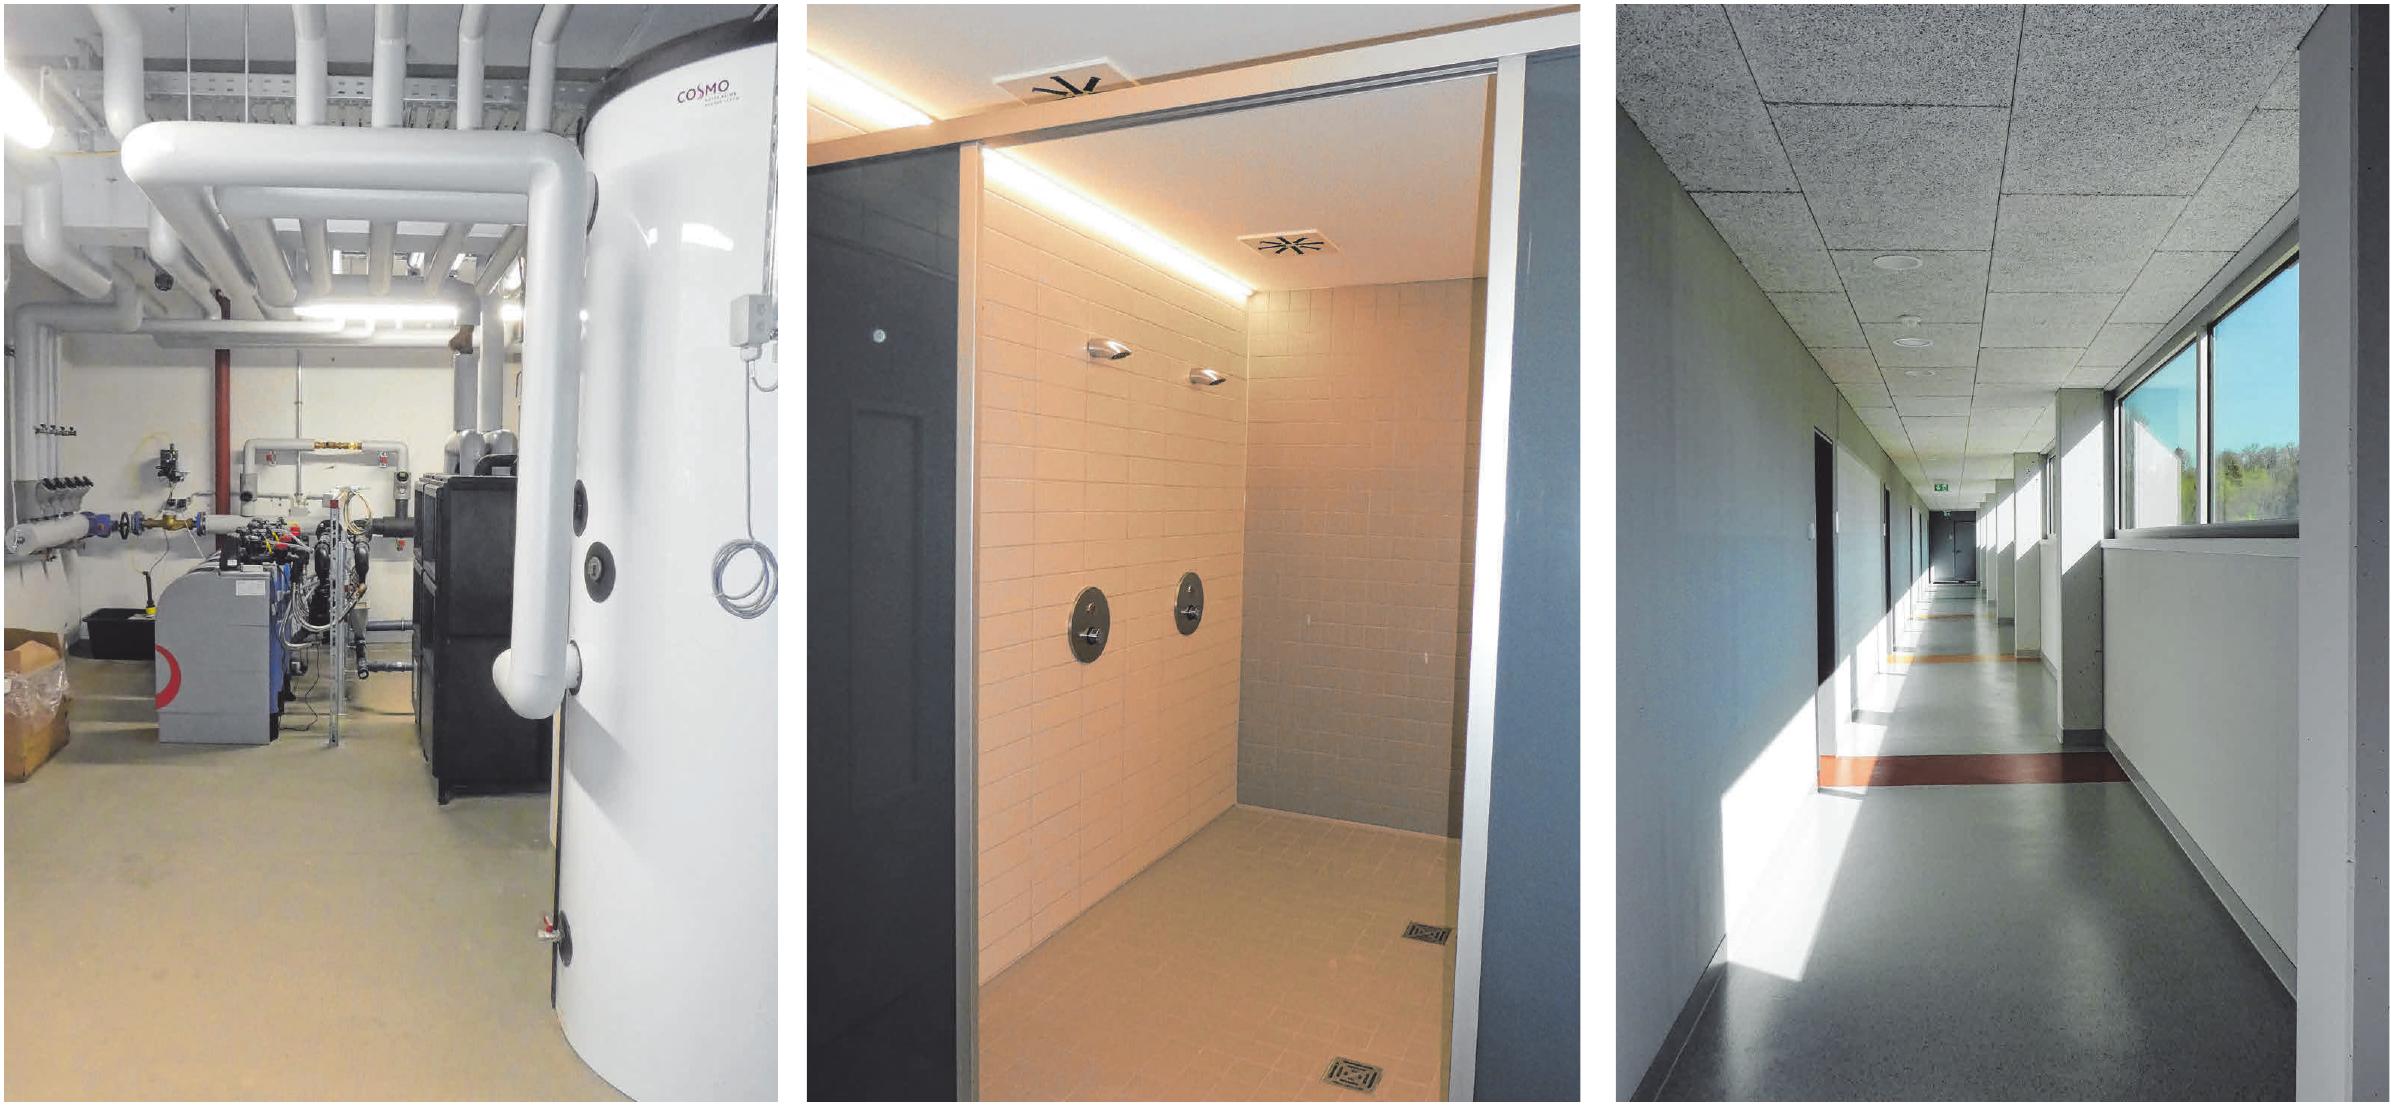 Die Technik wurde komplett erneuert (Foto links). Die Duschen wurden und Sanitärräume wurden zeitgemäß ausgestattet (Foto Mitte). Den Flur, von dem die Kabinen abzweigen, gliedern gelbe, grüne und rote Streifen auf dem Boden (Foto rechts). FOTOS: STADT WANGEN